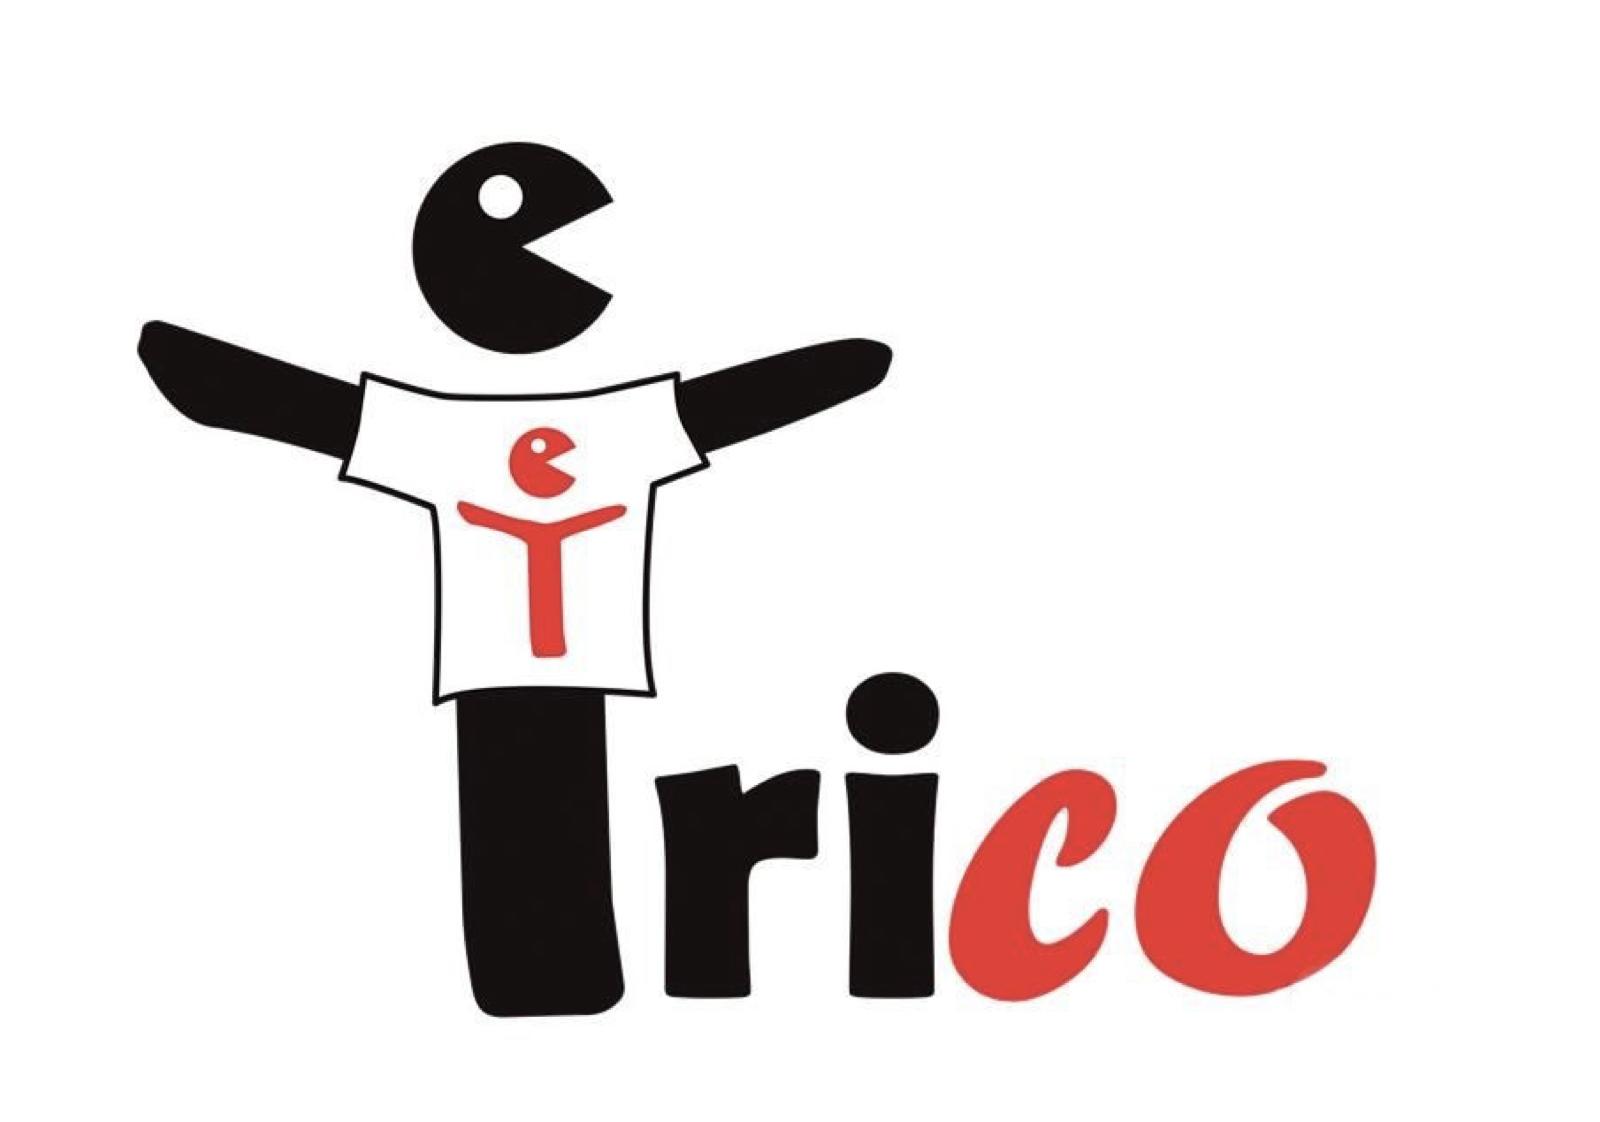 Logo trico